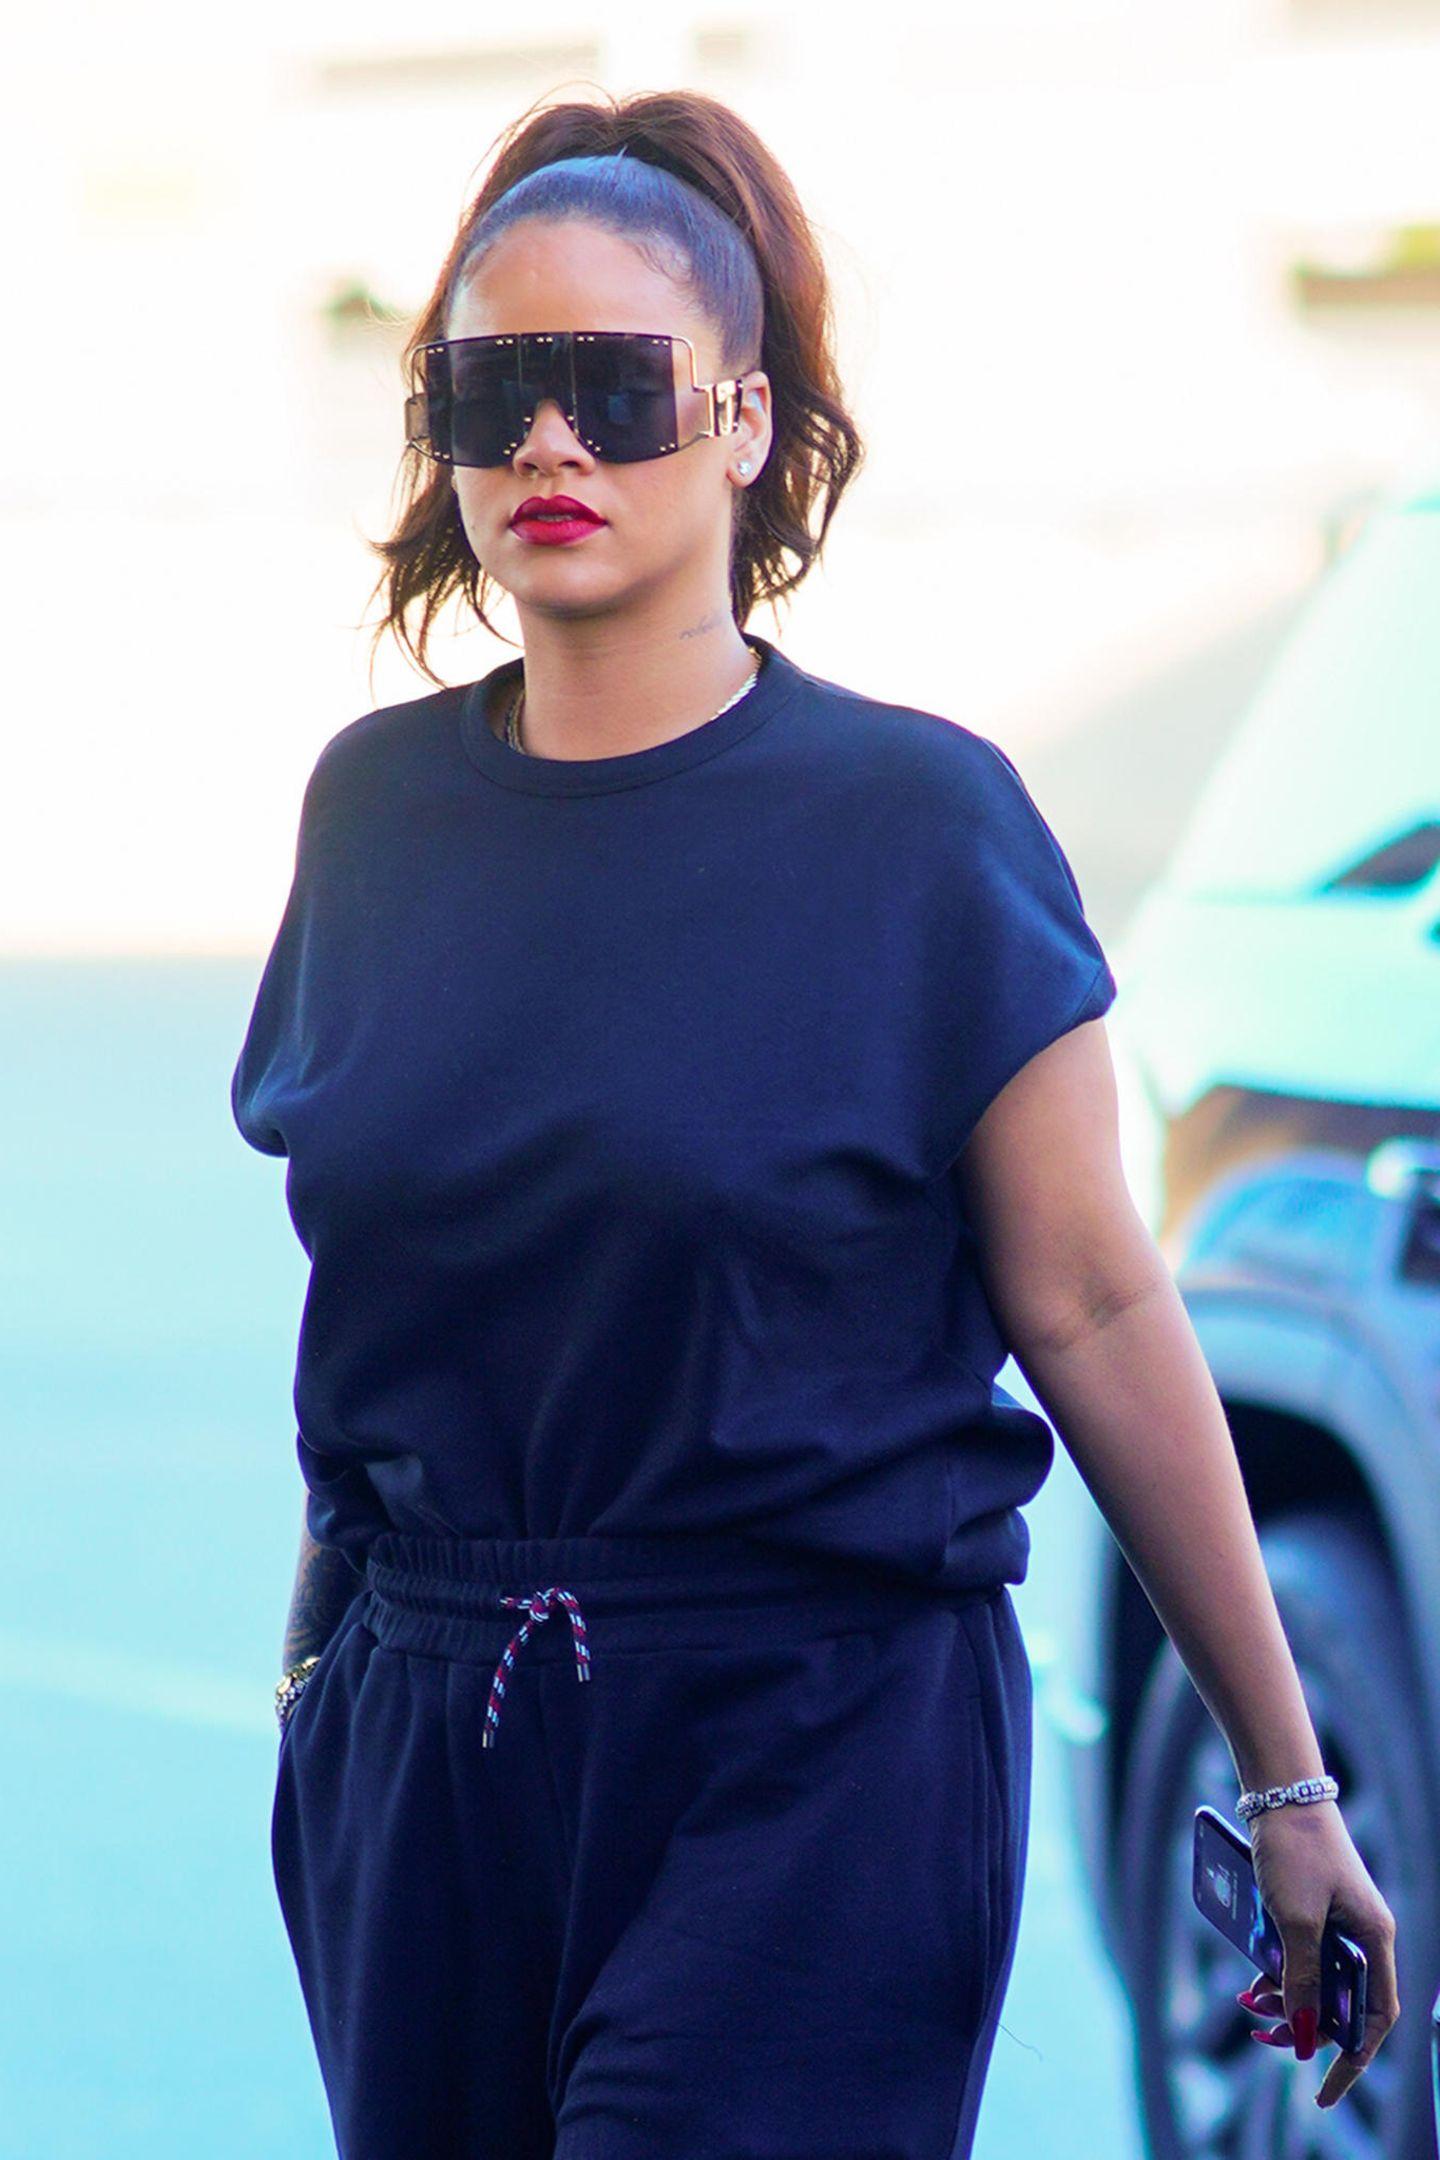 """Rihannas XXL-Sonnenbrille zieht alle Blicke auf sich. Das große Modell mit verspiegelten, schwarzen Gläsern soll zu ihrer eigenen Modelinie gehören – ein """"Fenty""""-Logo ziert das Accessoire. Mit einem hohen Pferdeschwanz setzt die 31-Jährige ihre Sonnenbrille besonders gut in Szene."""